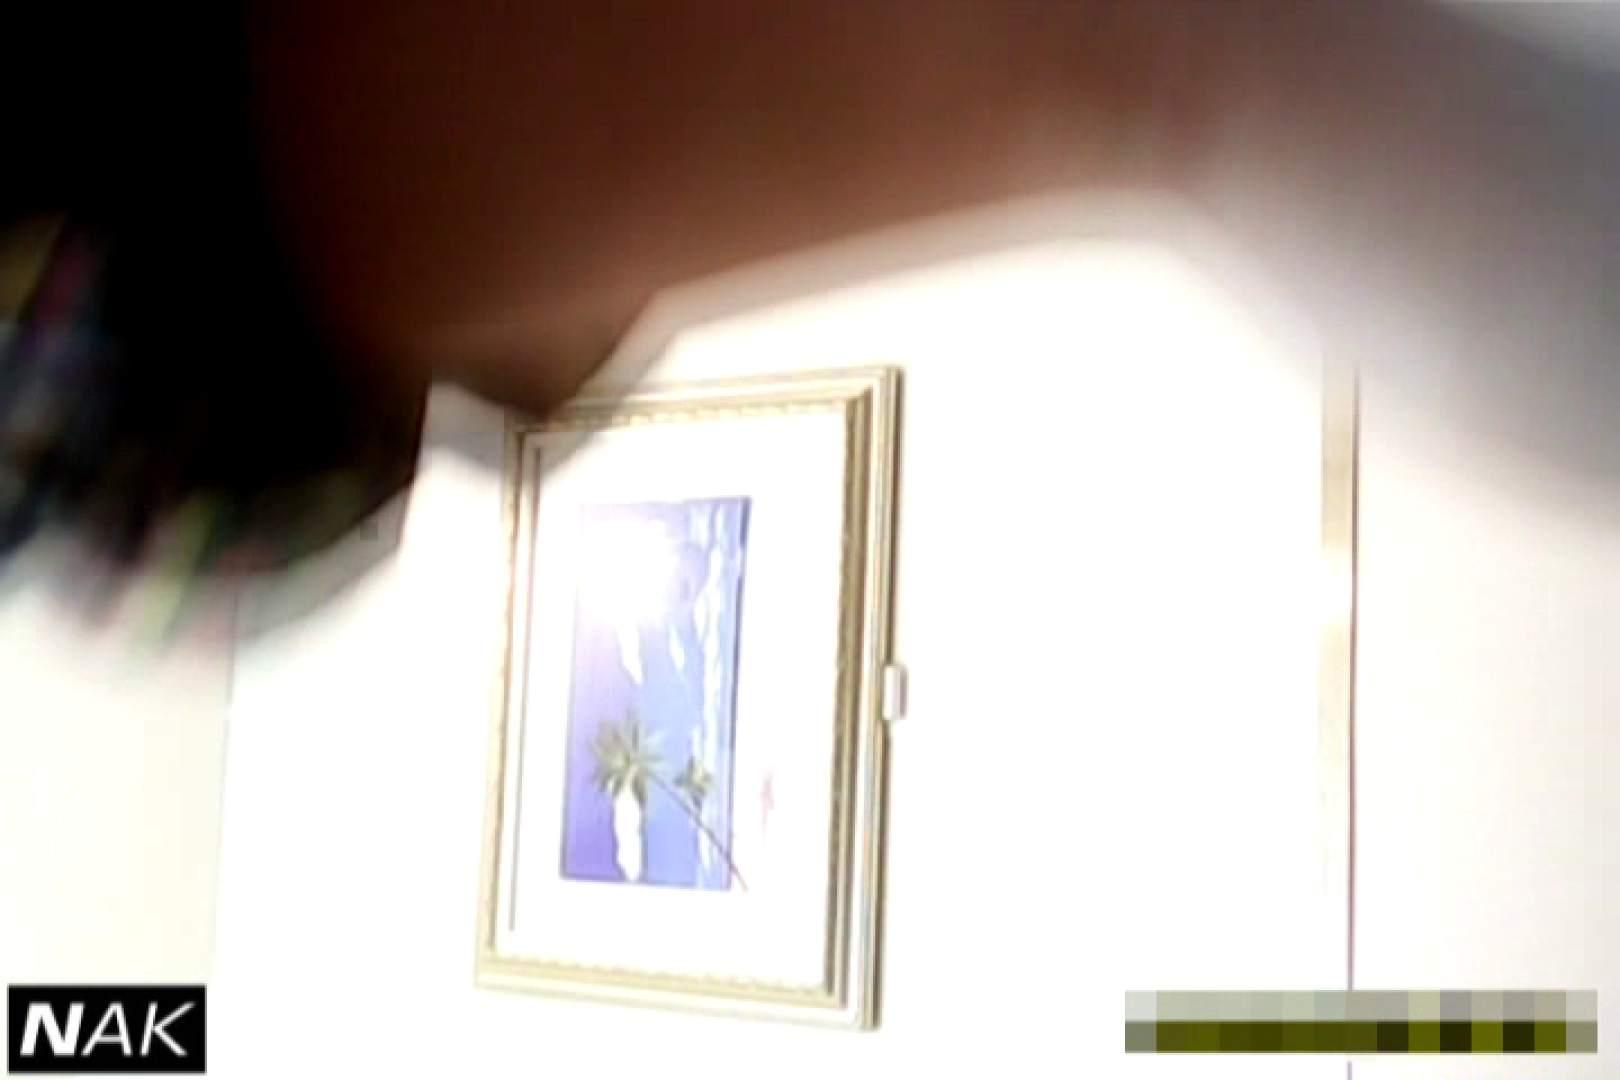 超高画質5000K!脅威の1点集中かわや! vol.05 盗撮 隠し撮りオマンコ動画紹介 47連発 3